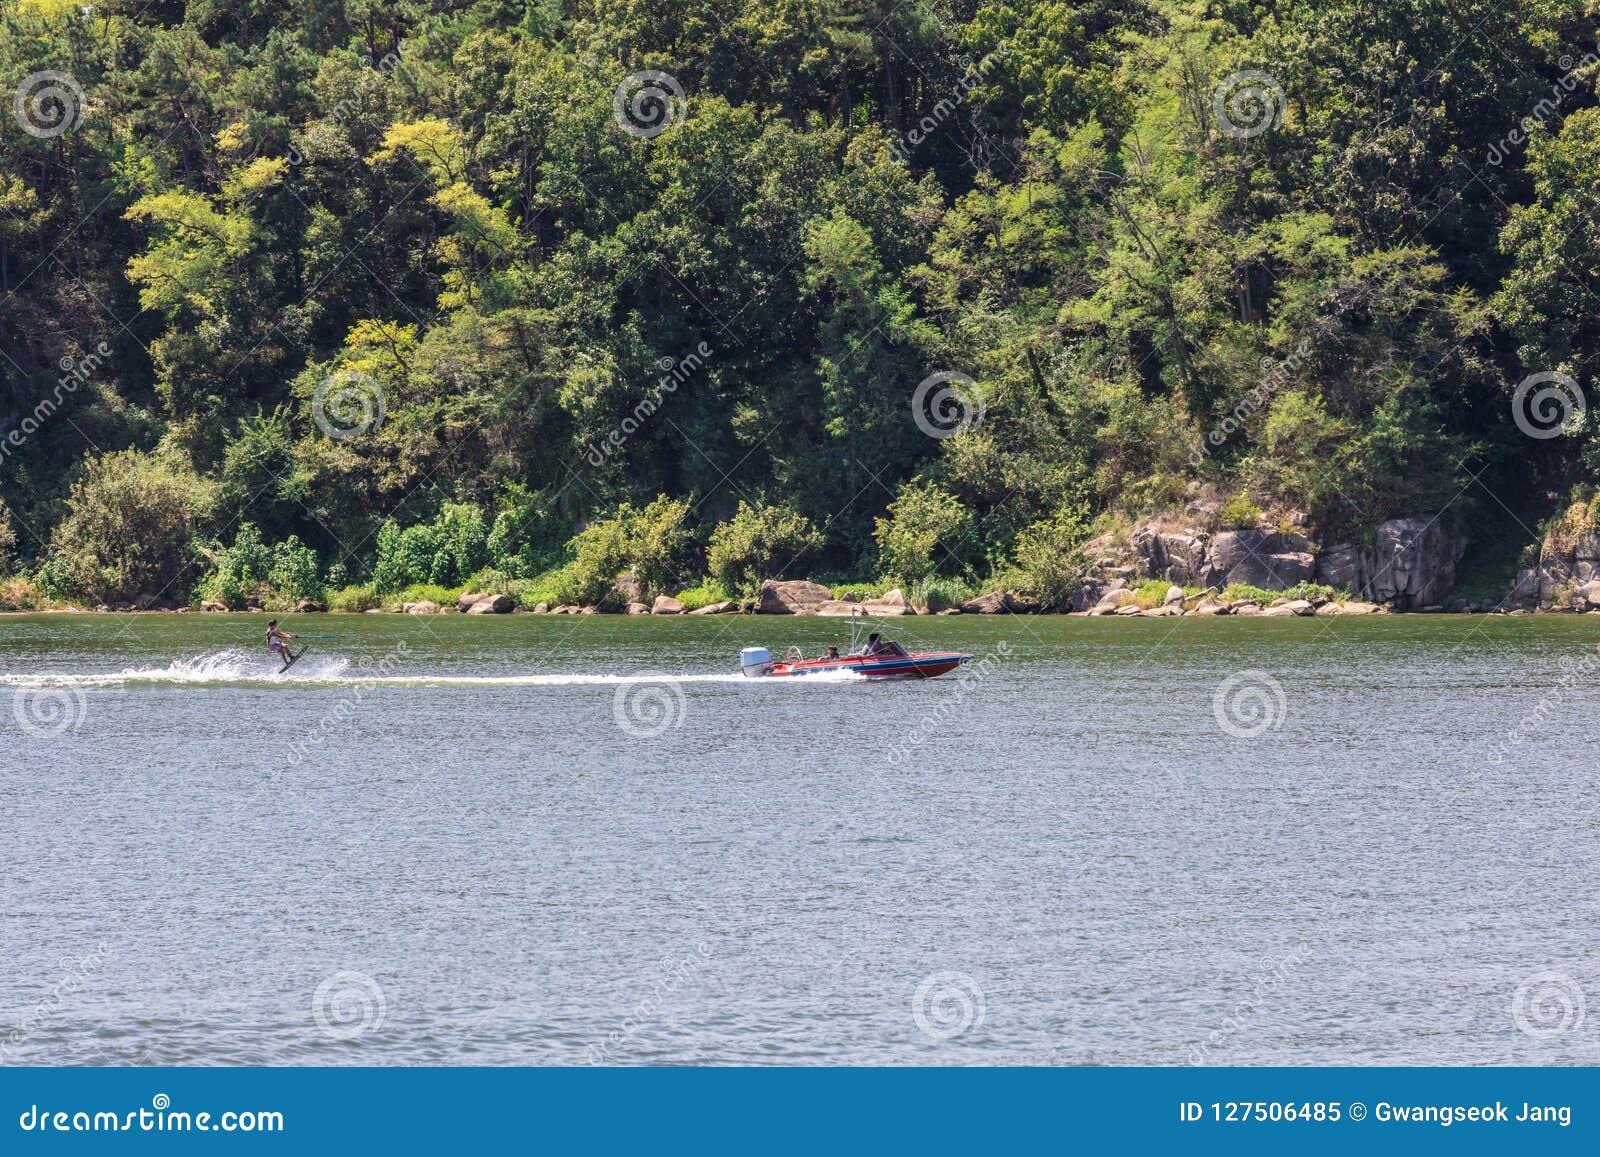 Spielen des Wasserskis oder des wakeboard